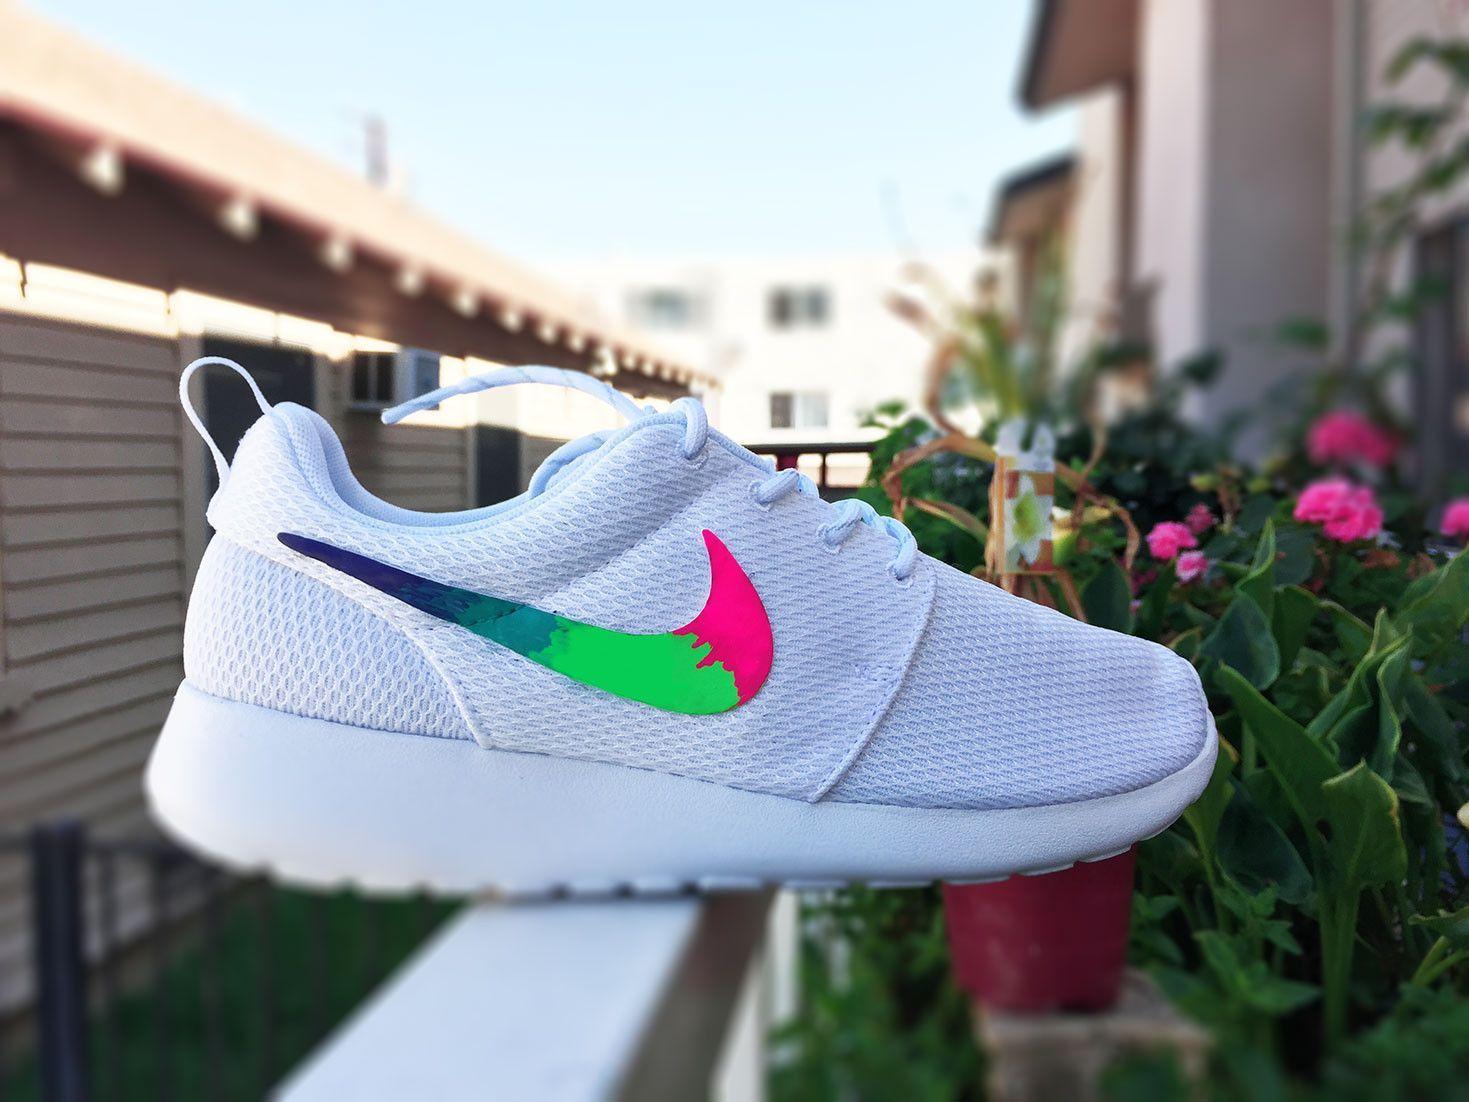 Custom nike roshe run sneakers for women all white